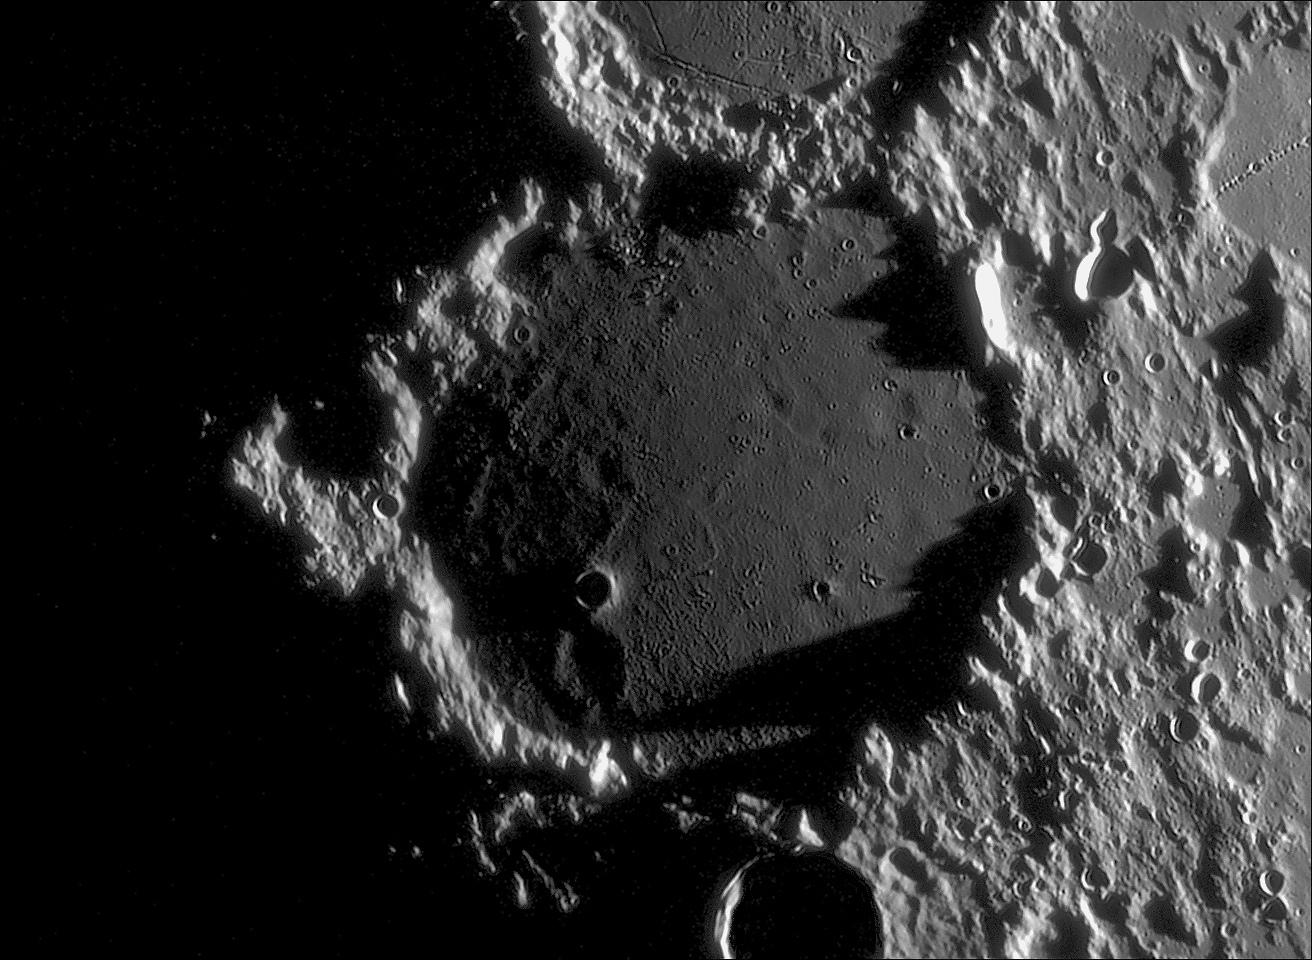 Ptolémée éclairage rasant du 01.09.10 C14 et 550 images Jpeg.jpg